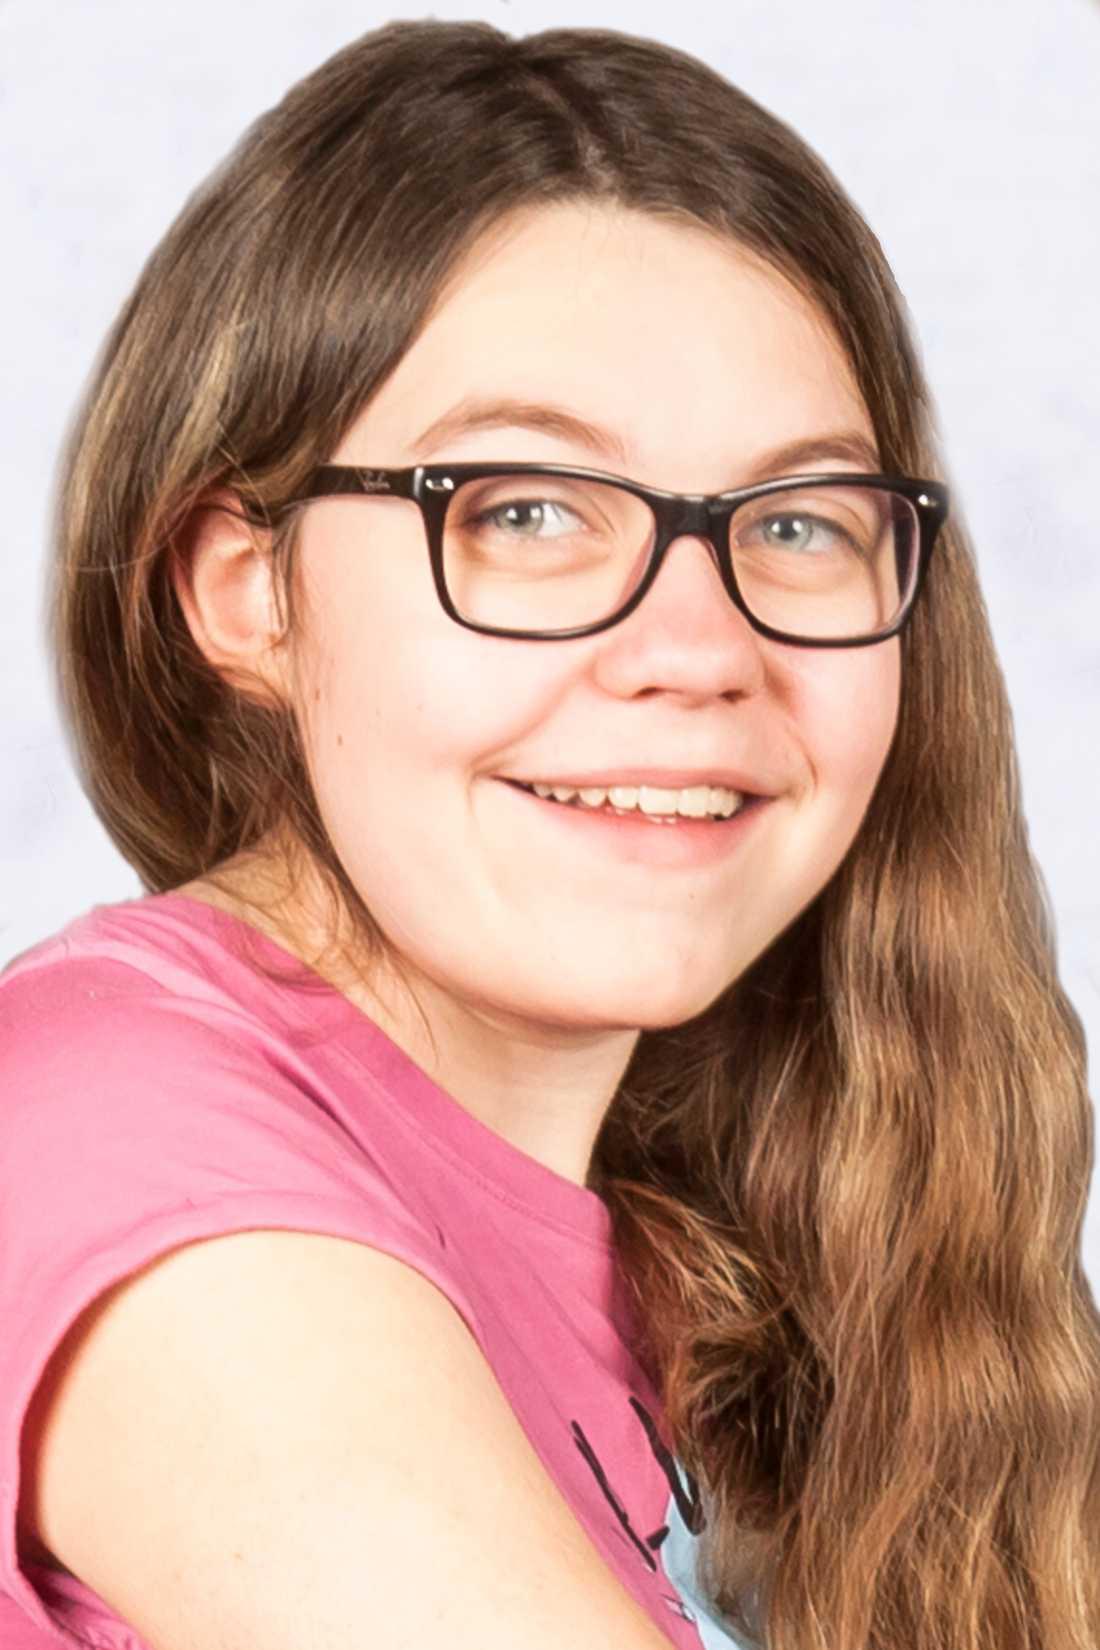 Här har vi Julia, 13 år som bor i Söråker. Hon var 3,5 år gammal när hon diagnosticerades med en aggressiv variant av Ependymom typ 2. Det jobbigaste under behandlingen var alla sövningar och undersökningar; hon har gått igenom ett antal operationer och strålbehandlats 30 gånger.Lekterapin, helikoptern och clownerna var favoriter när hon var inlagd på Barn 3 i Umeå, samt att cykla runt bland avdelningens väl tilltagna korridorer.Julia är fri från sin cancer sedan april 2008.